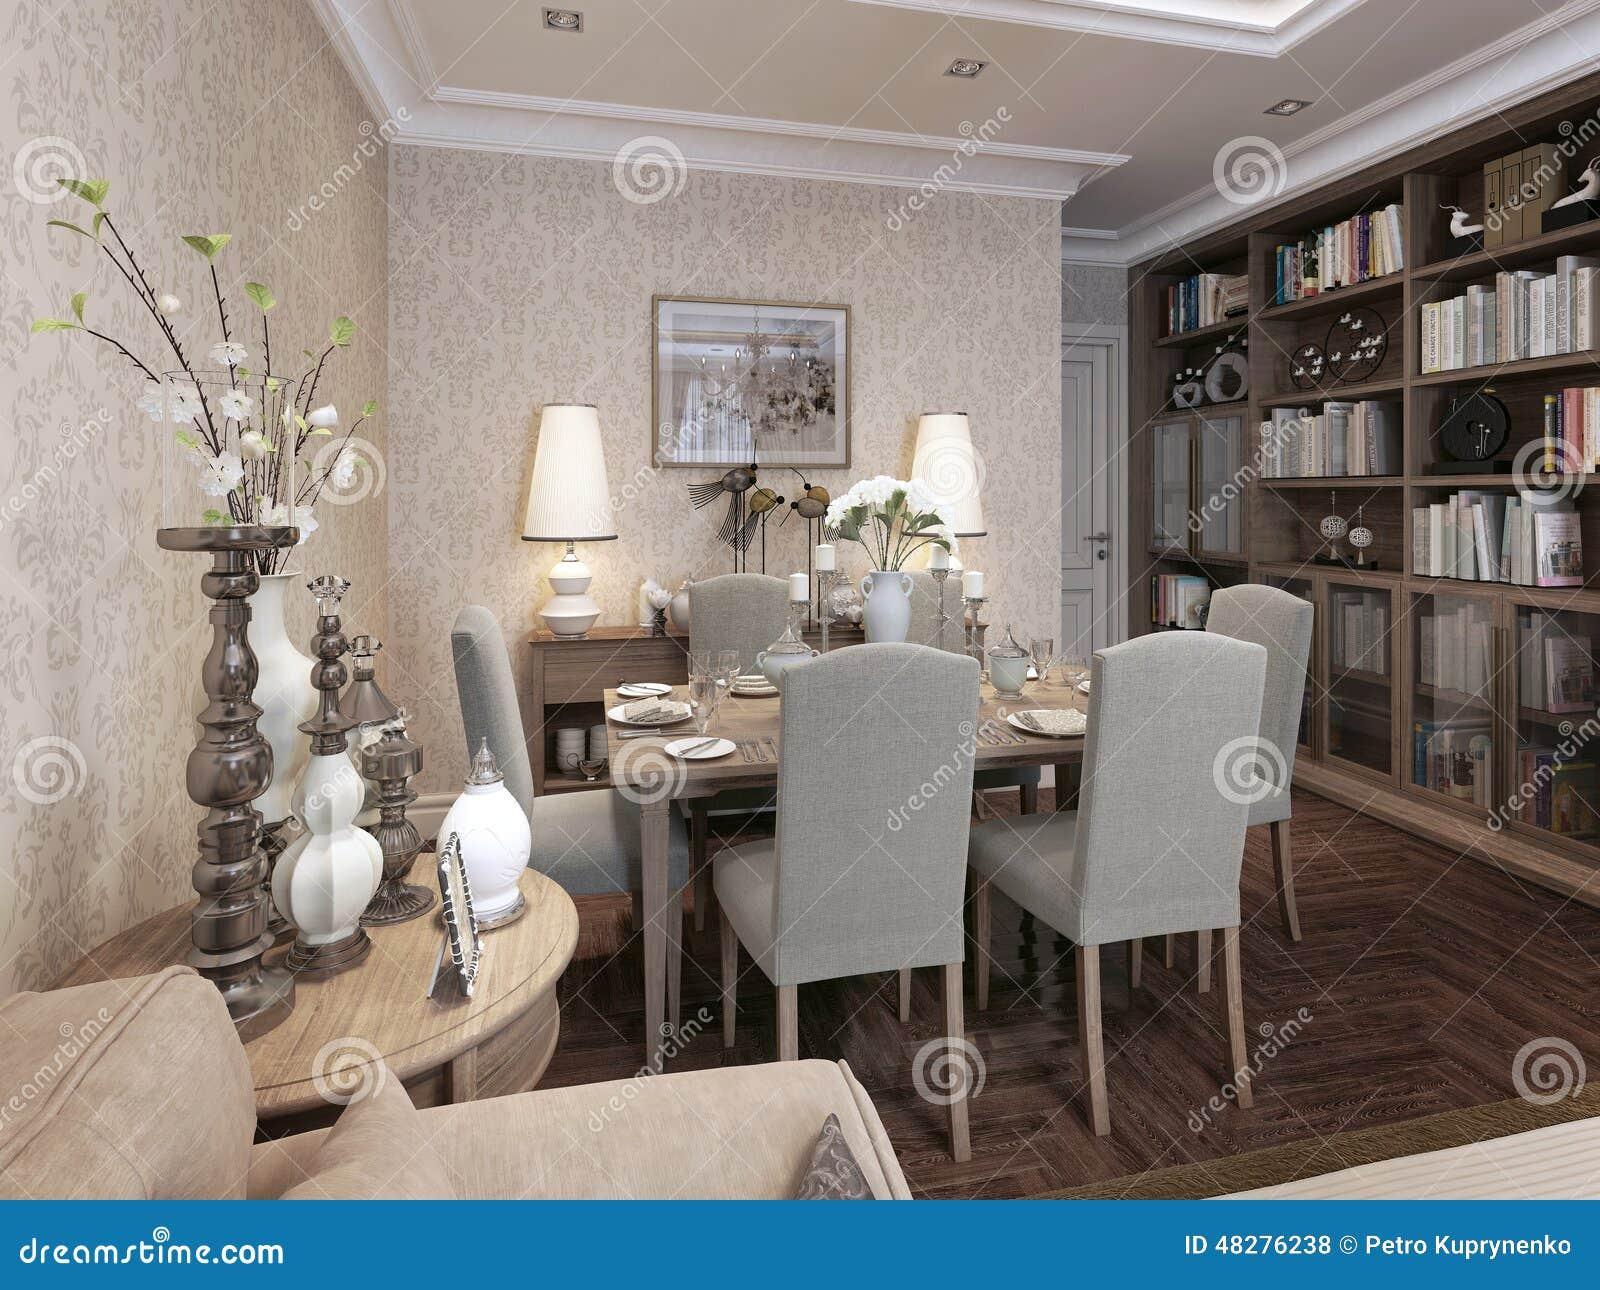 Eetkamer moderne stijl stock illustratie illustratie bestaande